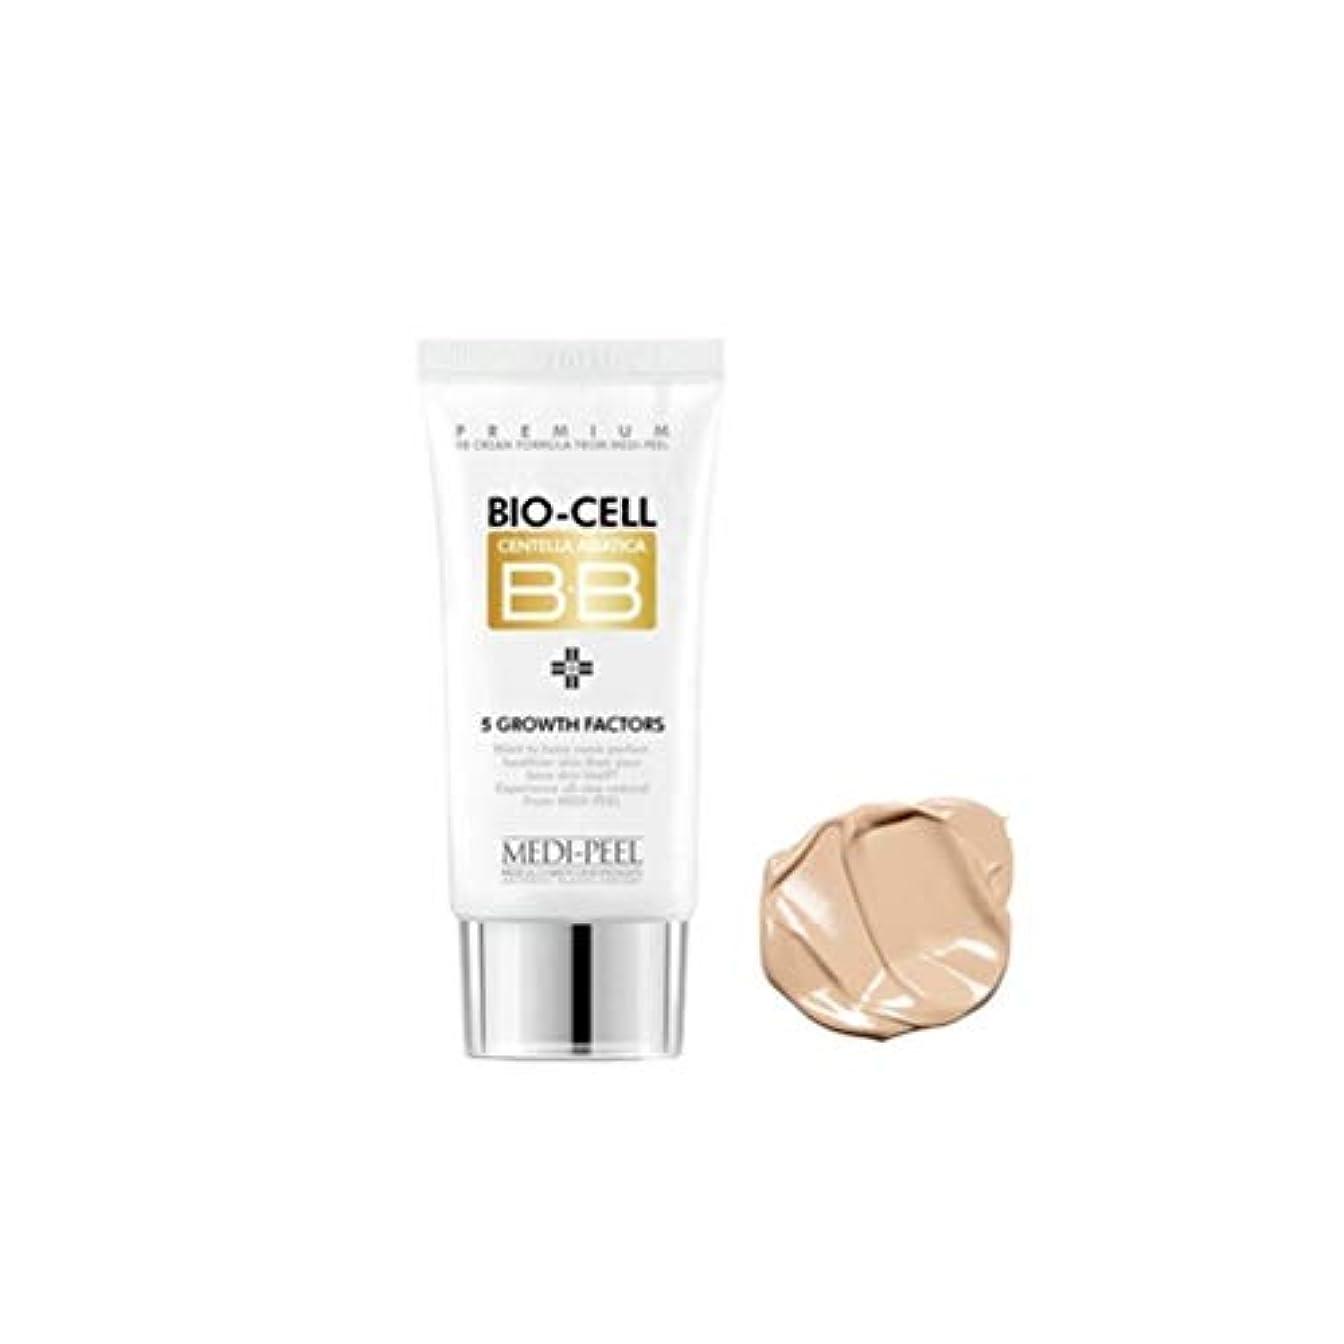 永遠にホステルクロニクル[Medi-Peel] メディピール バイオセル BBクリーム 50ml. [美.白?シワ.改善2重機能性化粧品] Medi-Peel Bio-cell BB Cream 50ml.